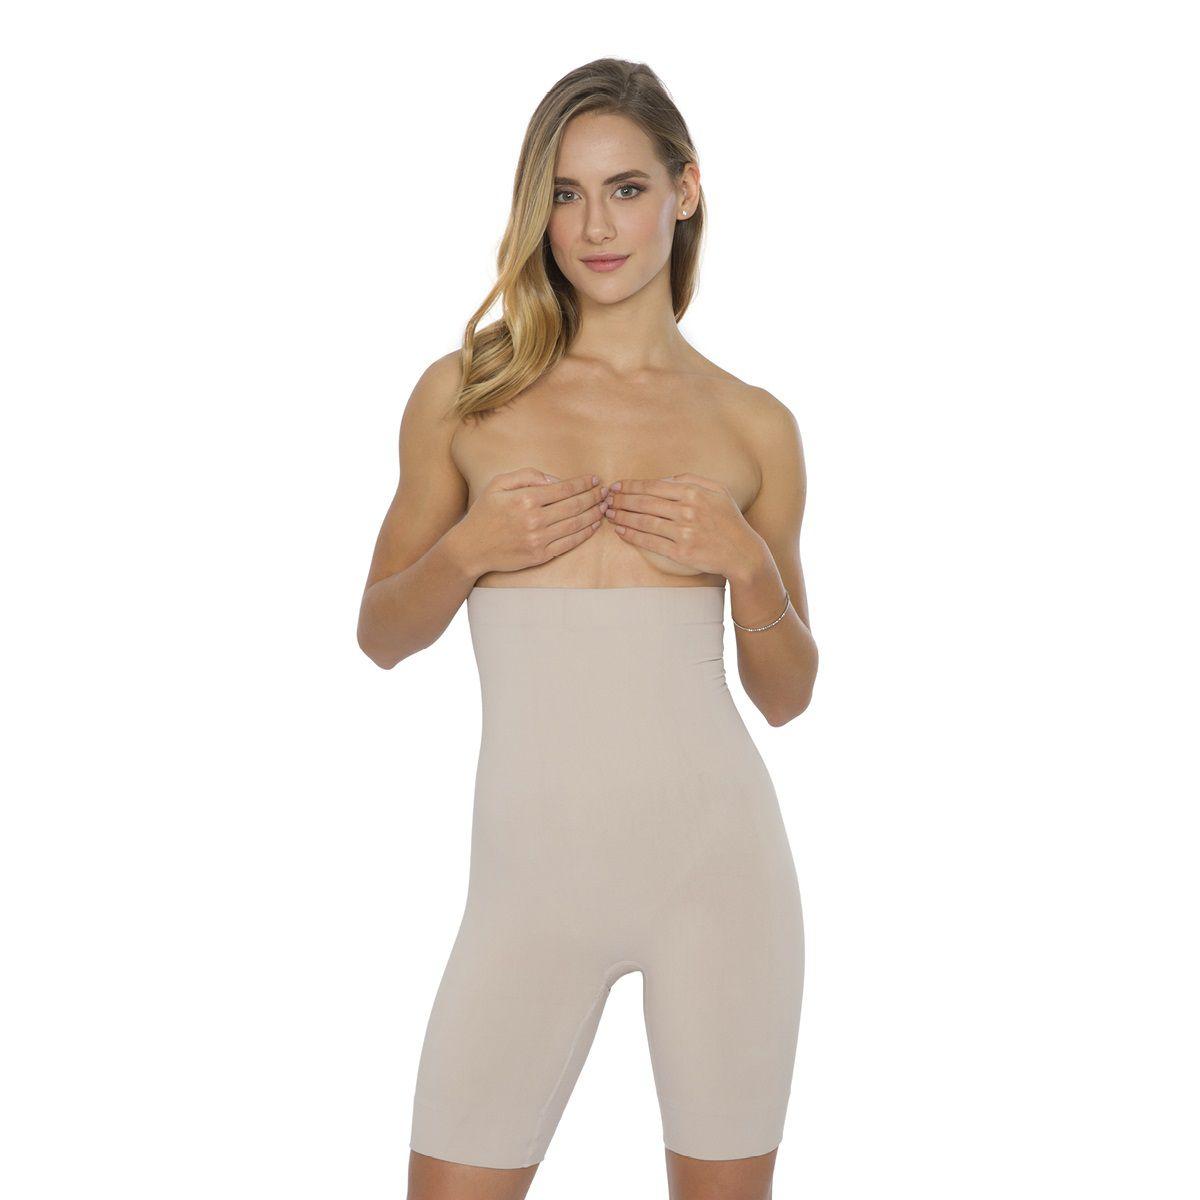 Bermuda cinta cintura alta silicone interno plus size plie